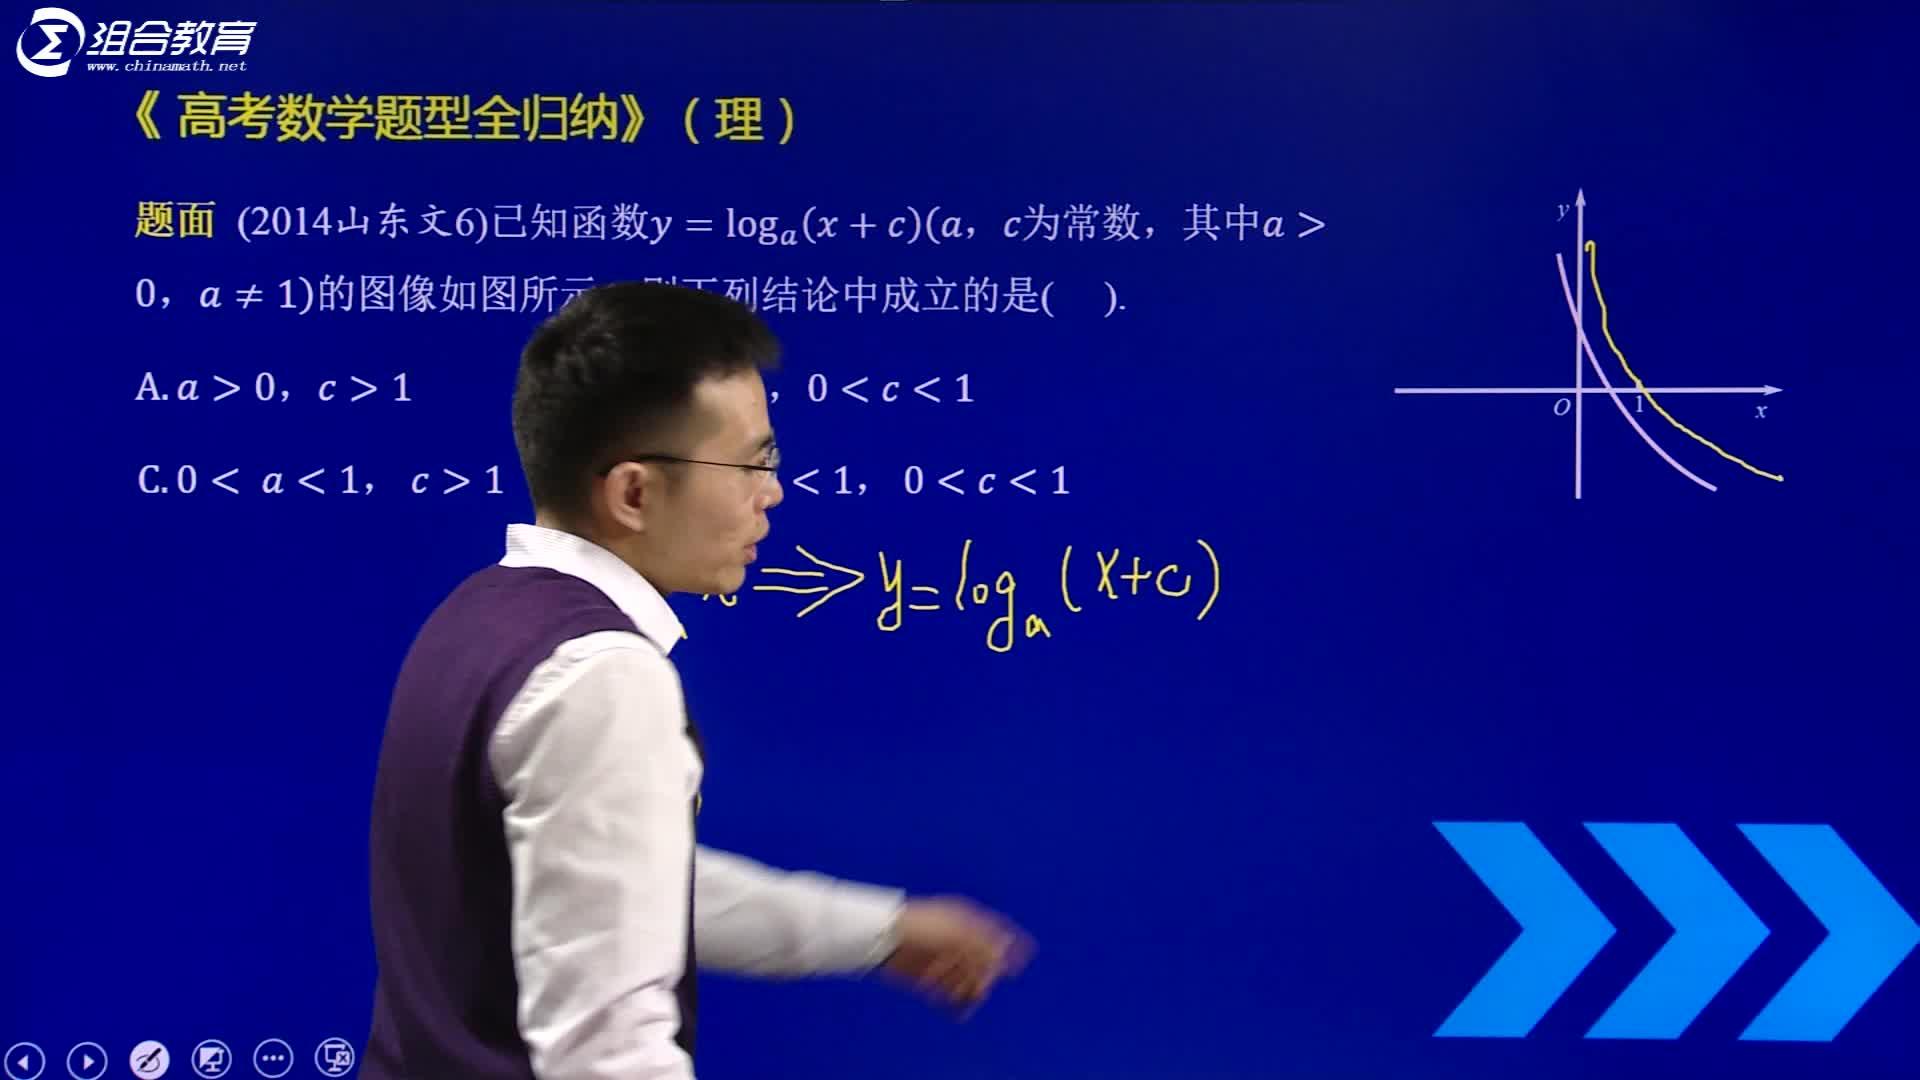 视频2.46 指对函数的图像-【洞穿高考】2020版高考理科数学题型全归纳